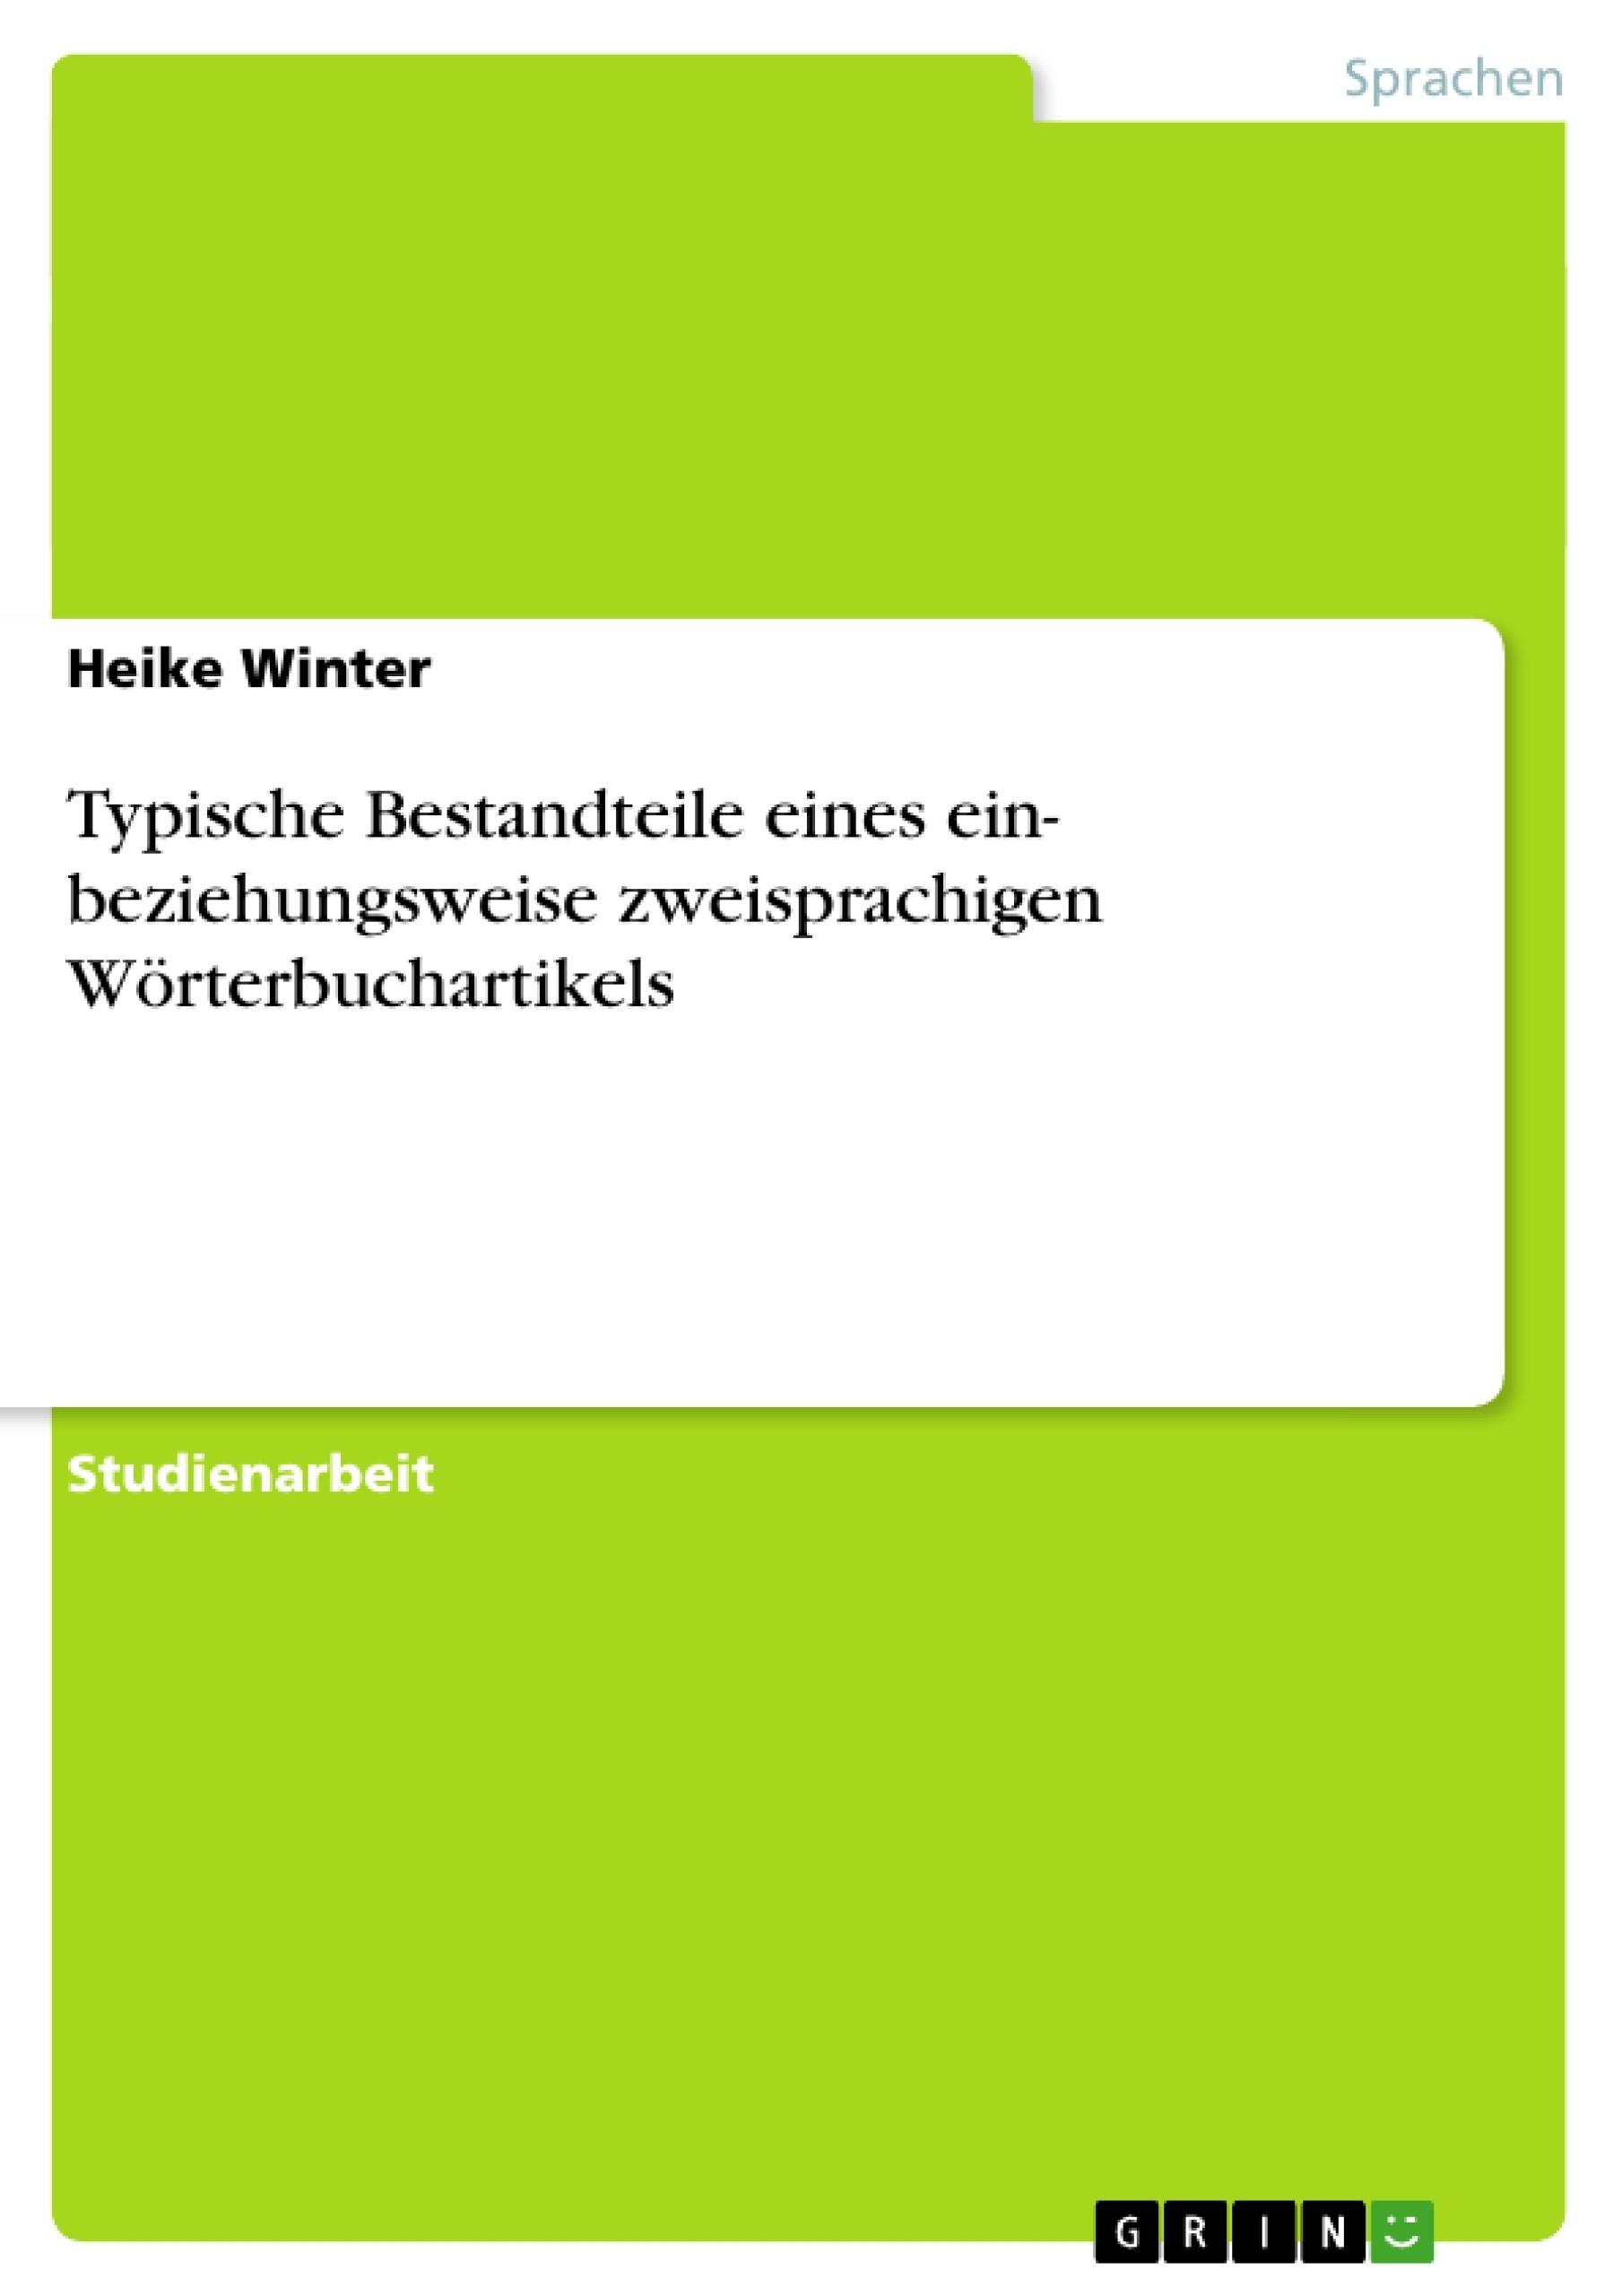 Titel: Typische Bestandteile eines ein- beziehungsweise zweisprachigen Wörterbuchartikels